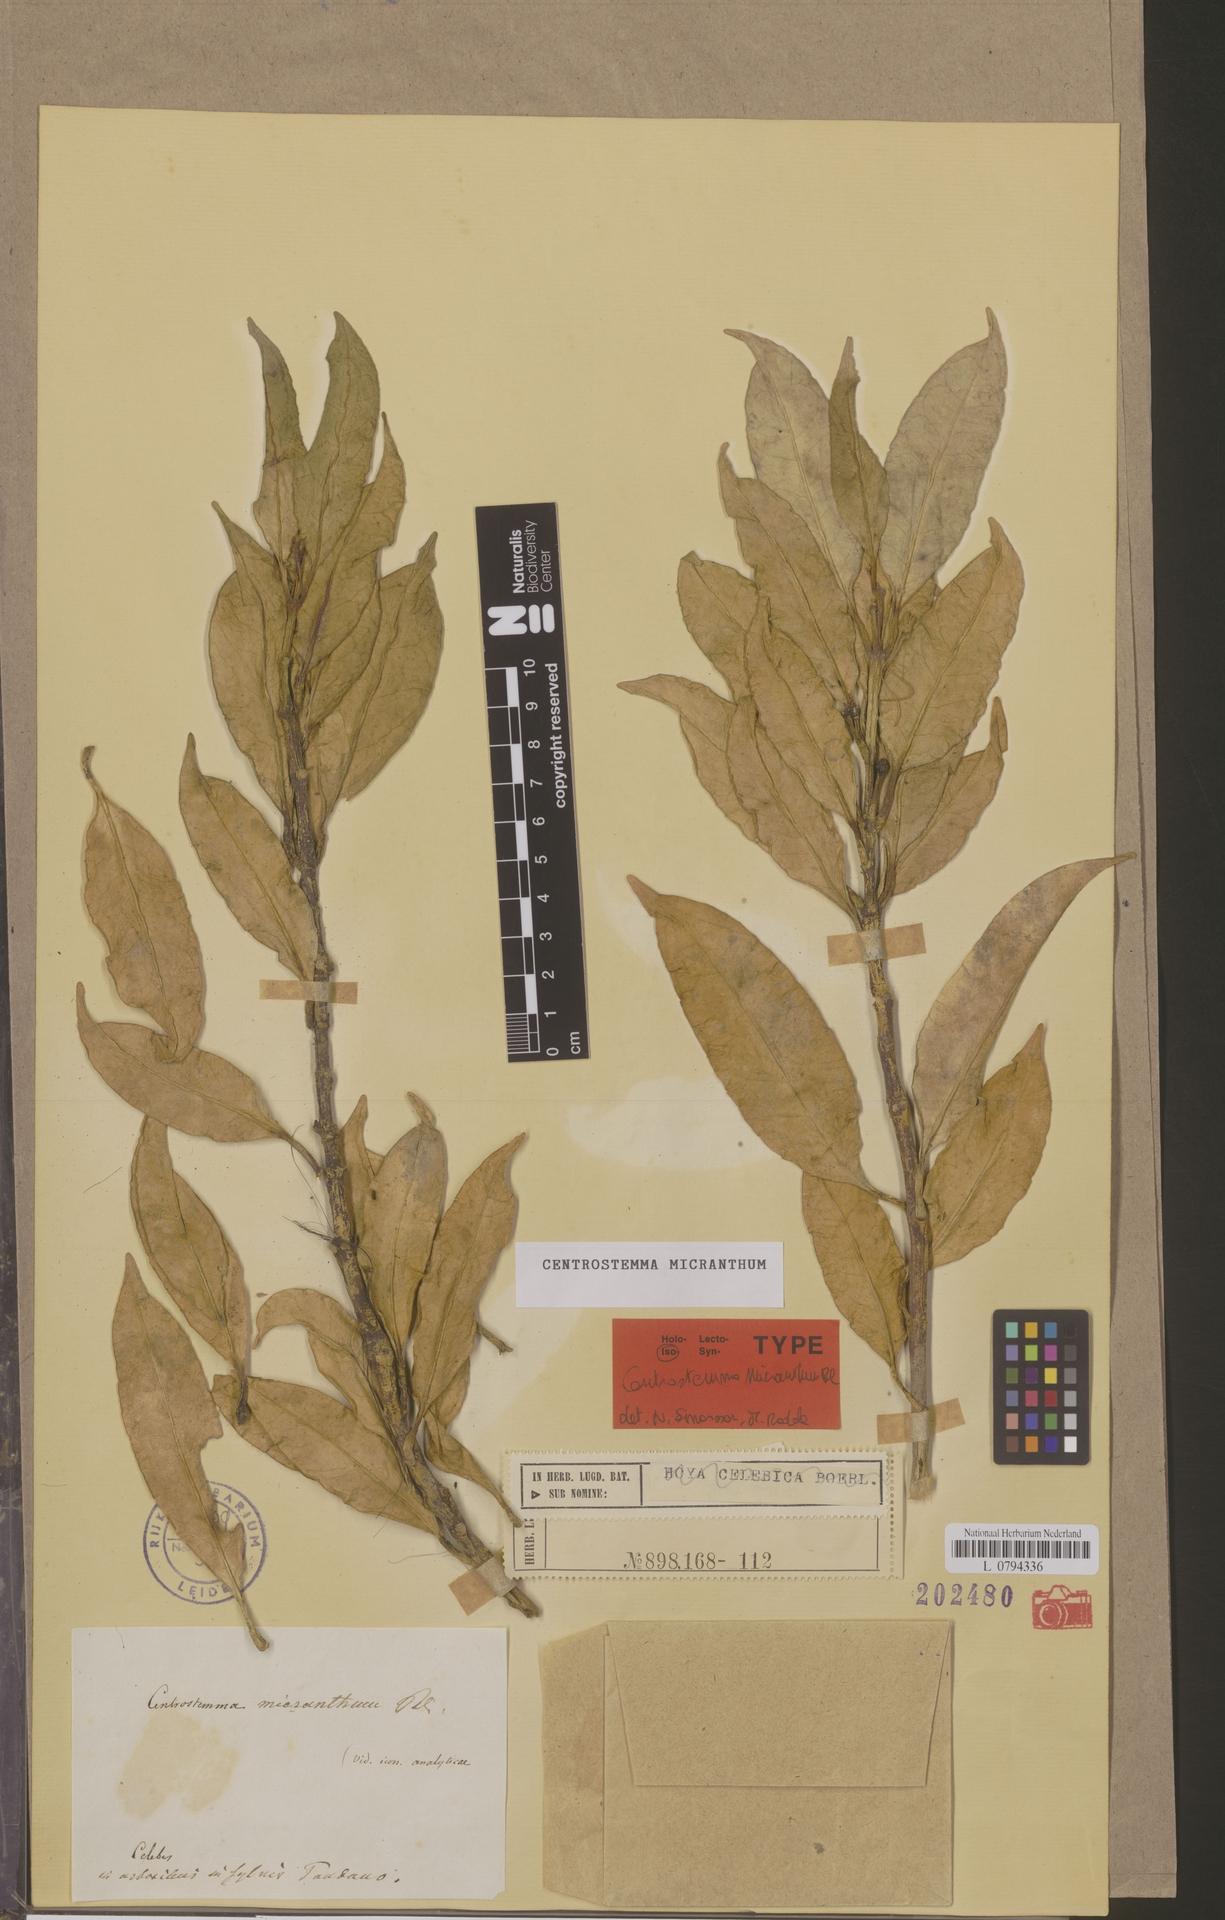 L  0794336 | Centrostemma micranthum Blume